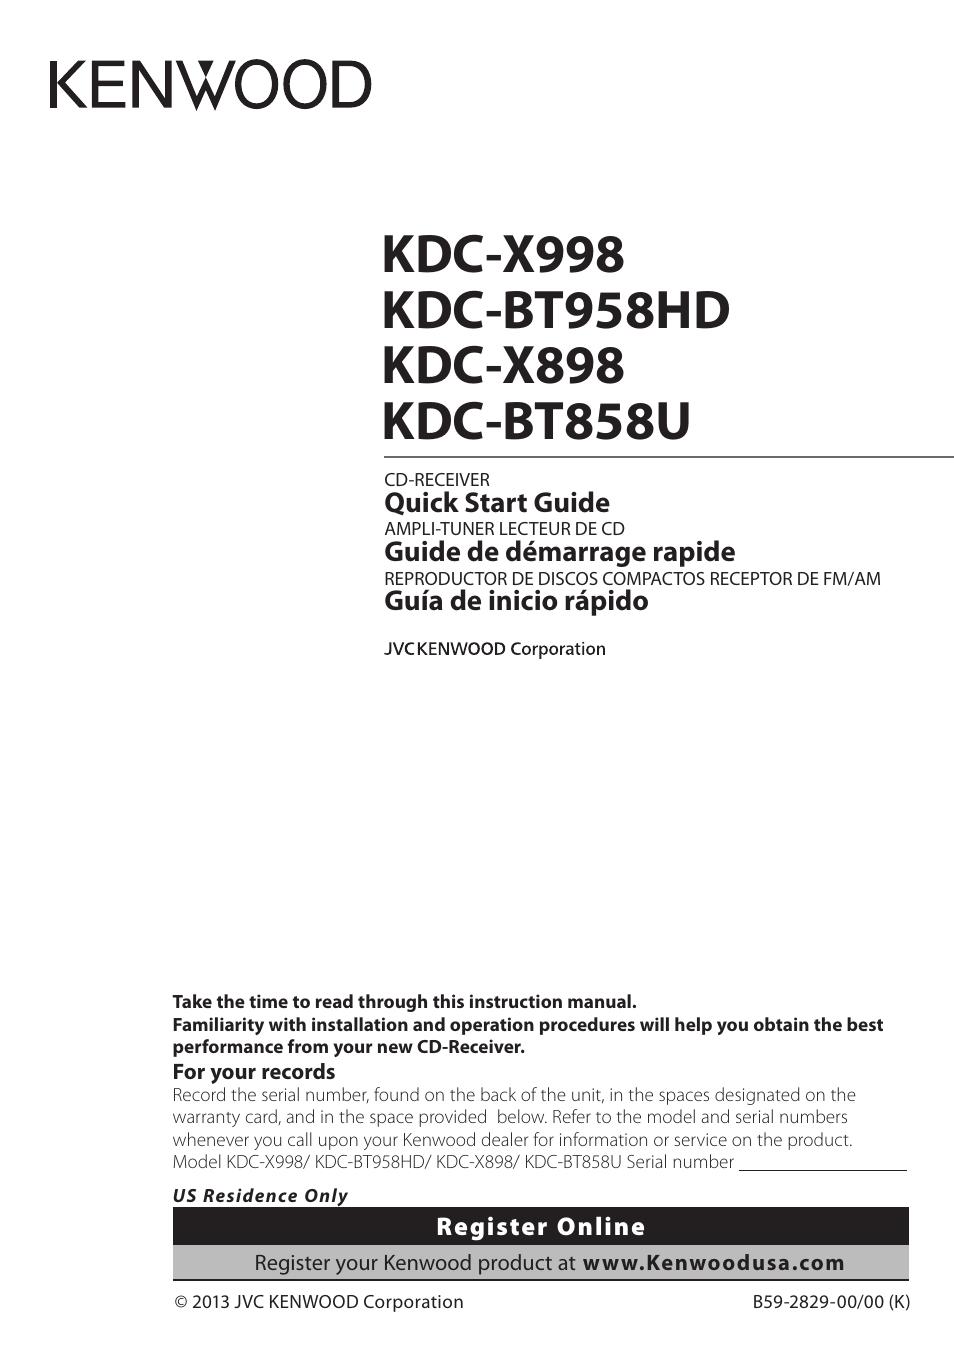 Kenwood Kdc X898 User Manual